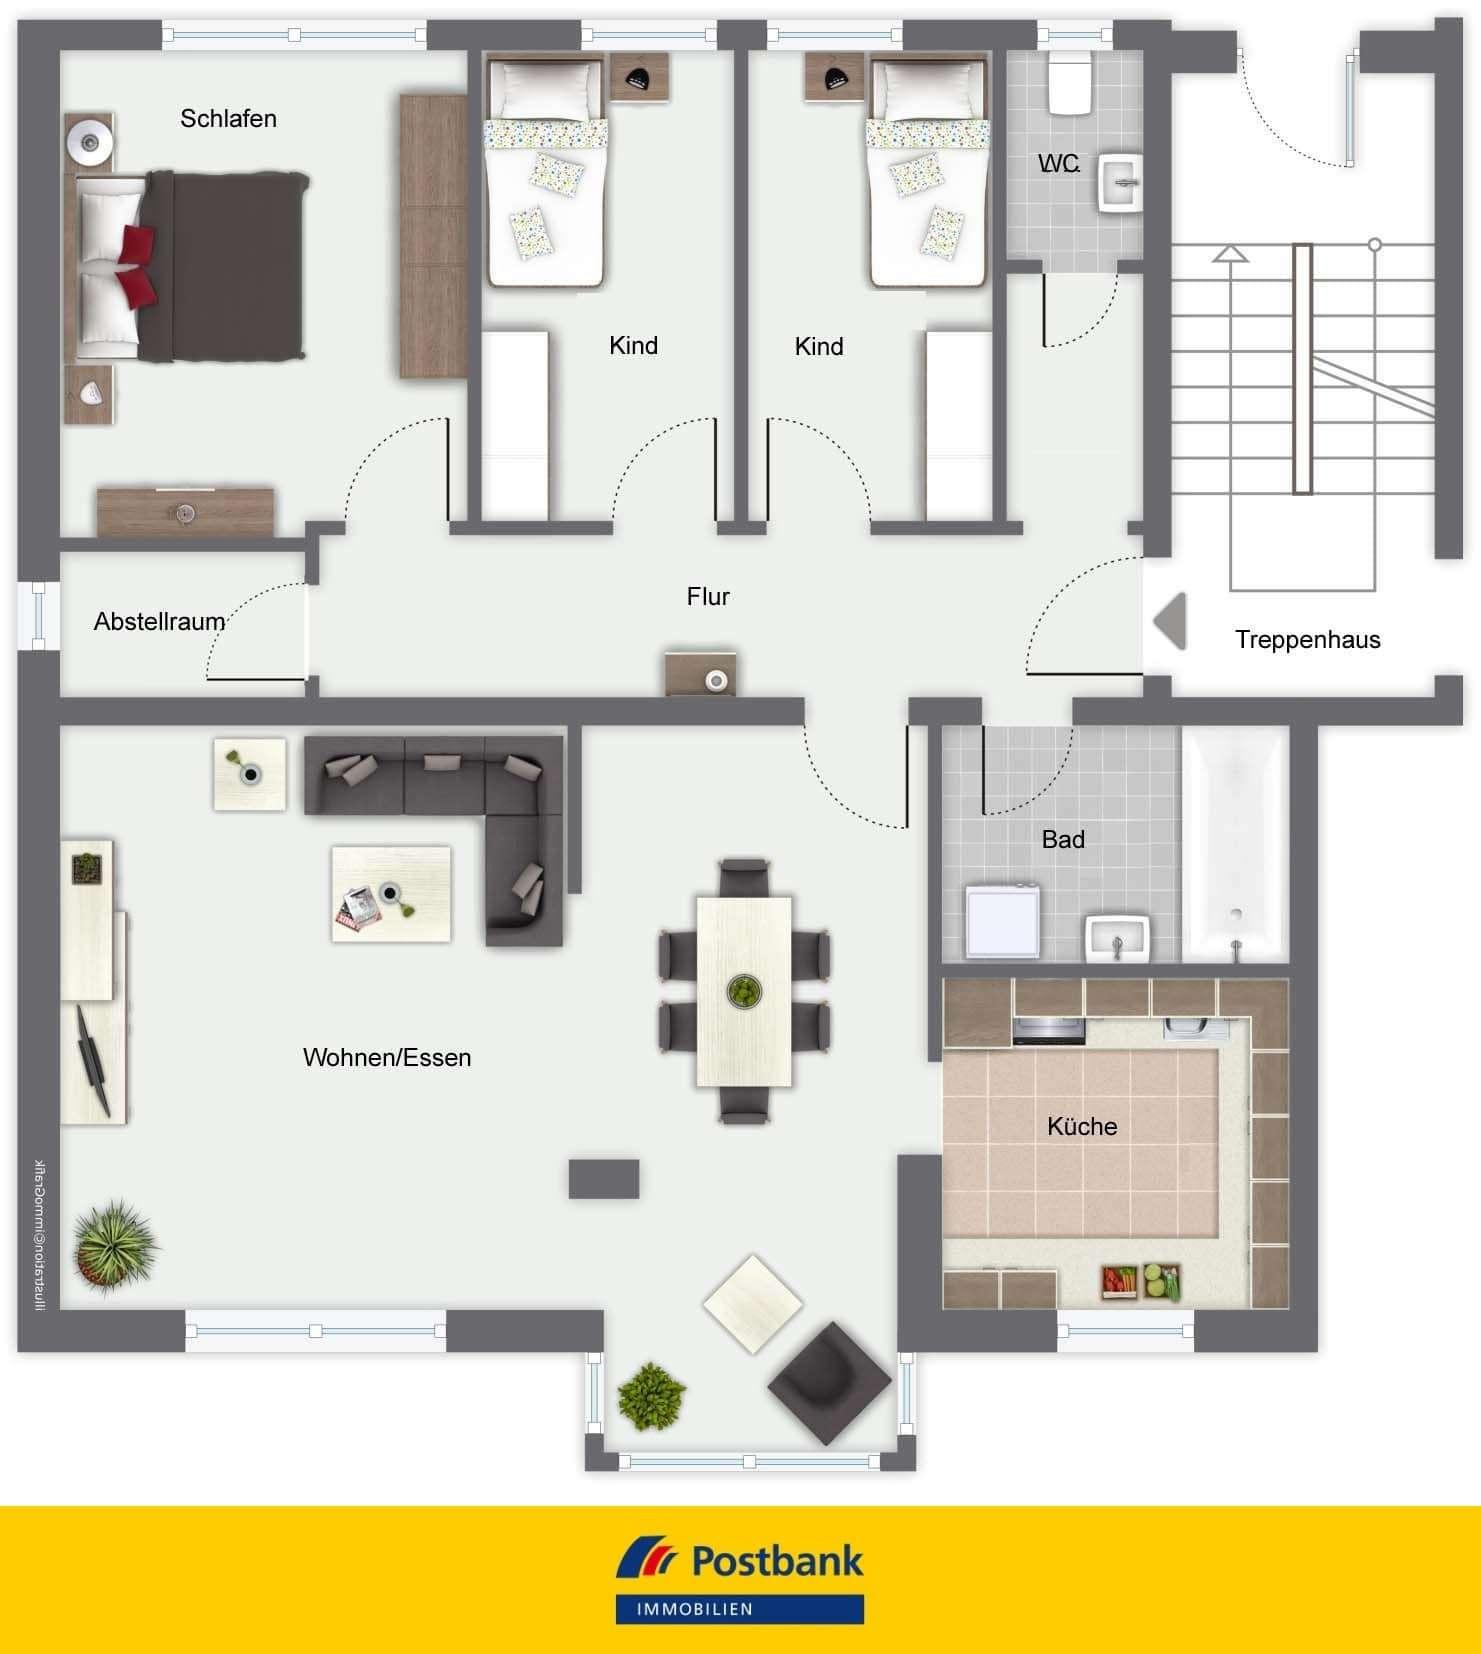 Helle, gepflegte 4-Zimmer-Wohnung in Plattling zu vermieten